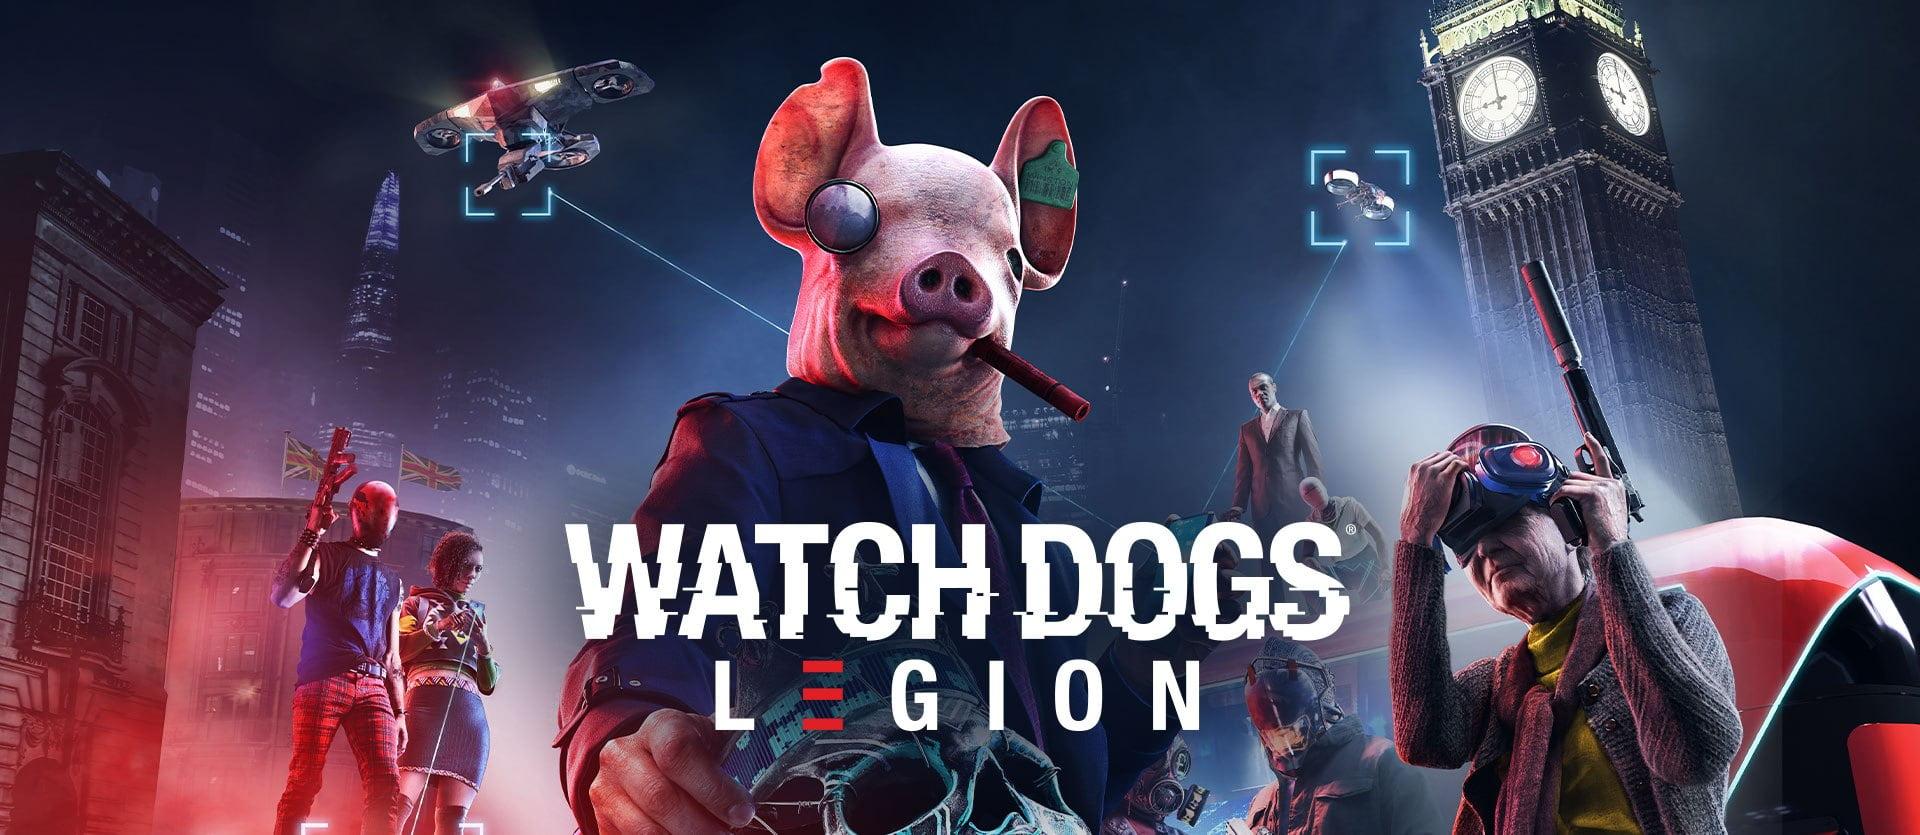 Watch dogs Legion EU Uplay CD Key